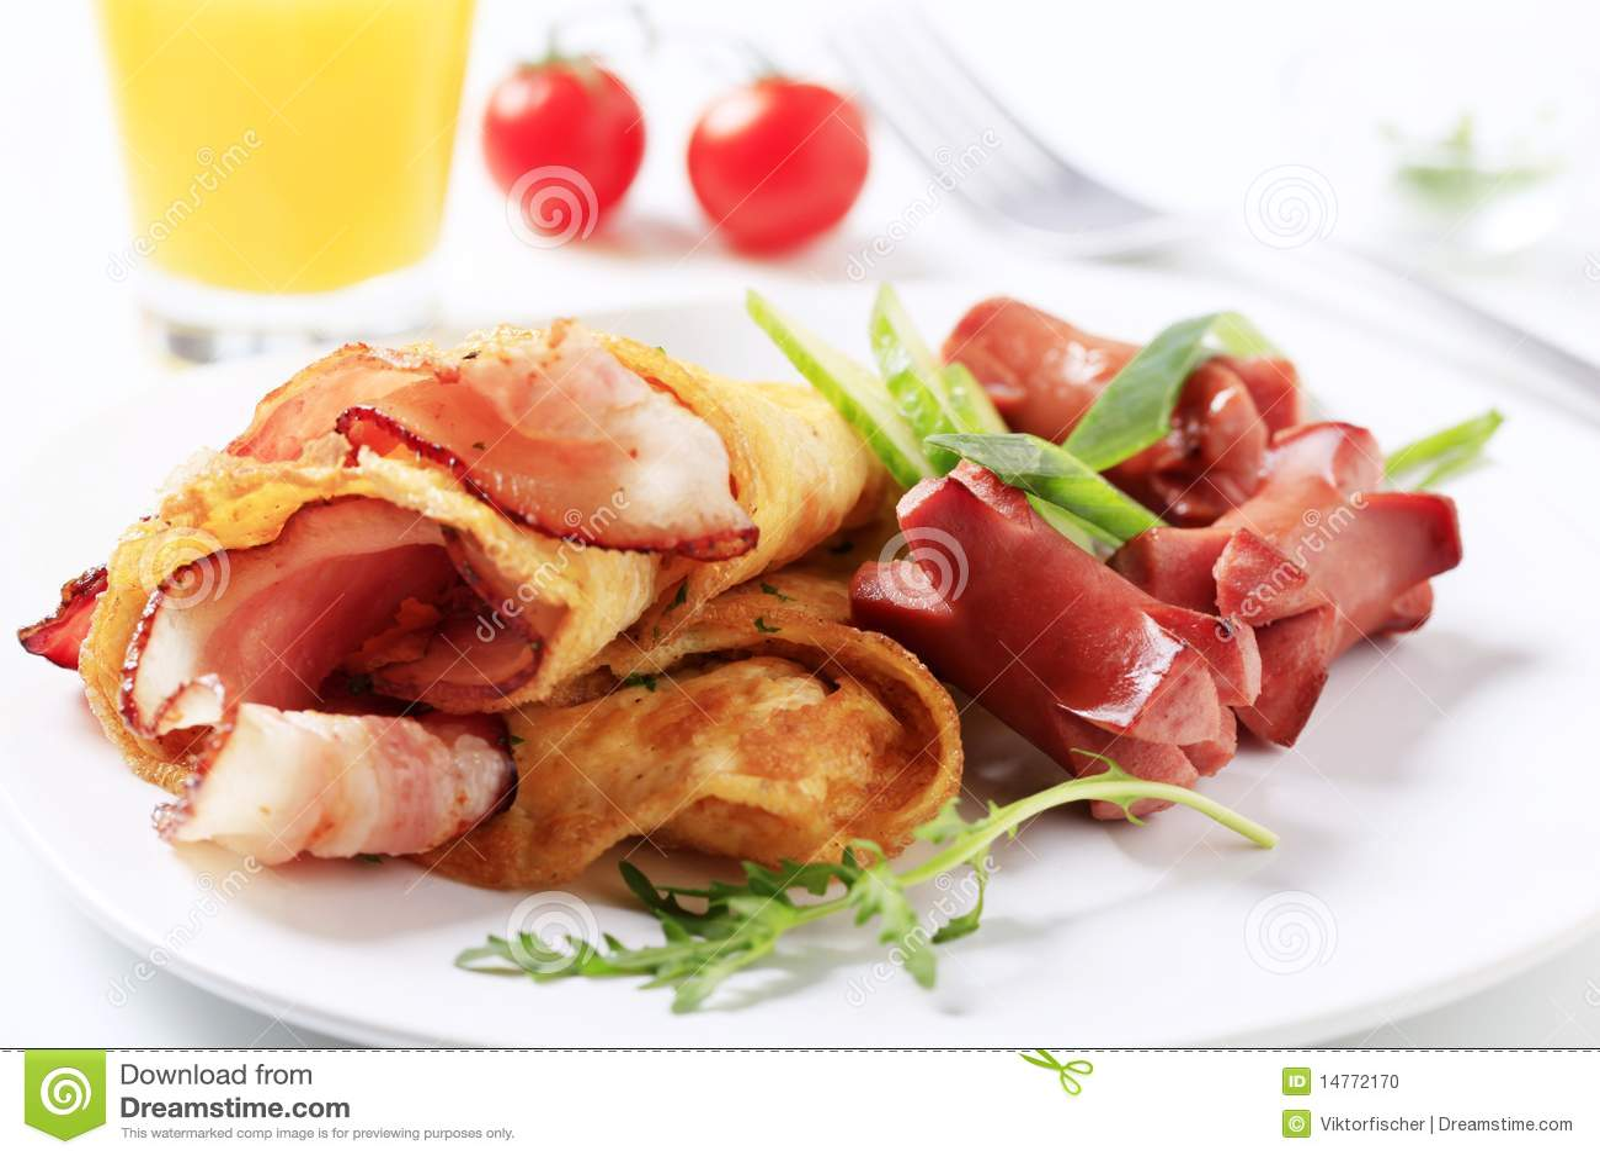 Frühstück braten-oben